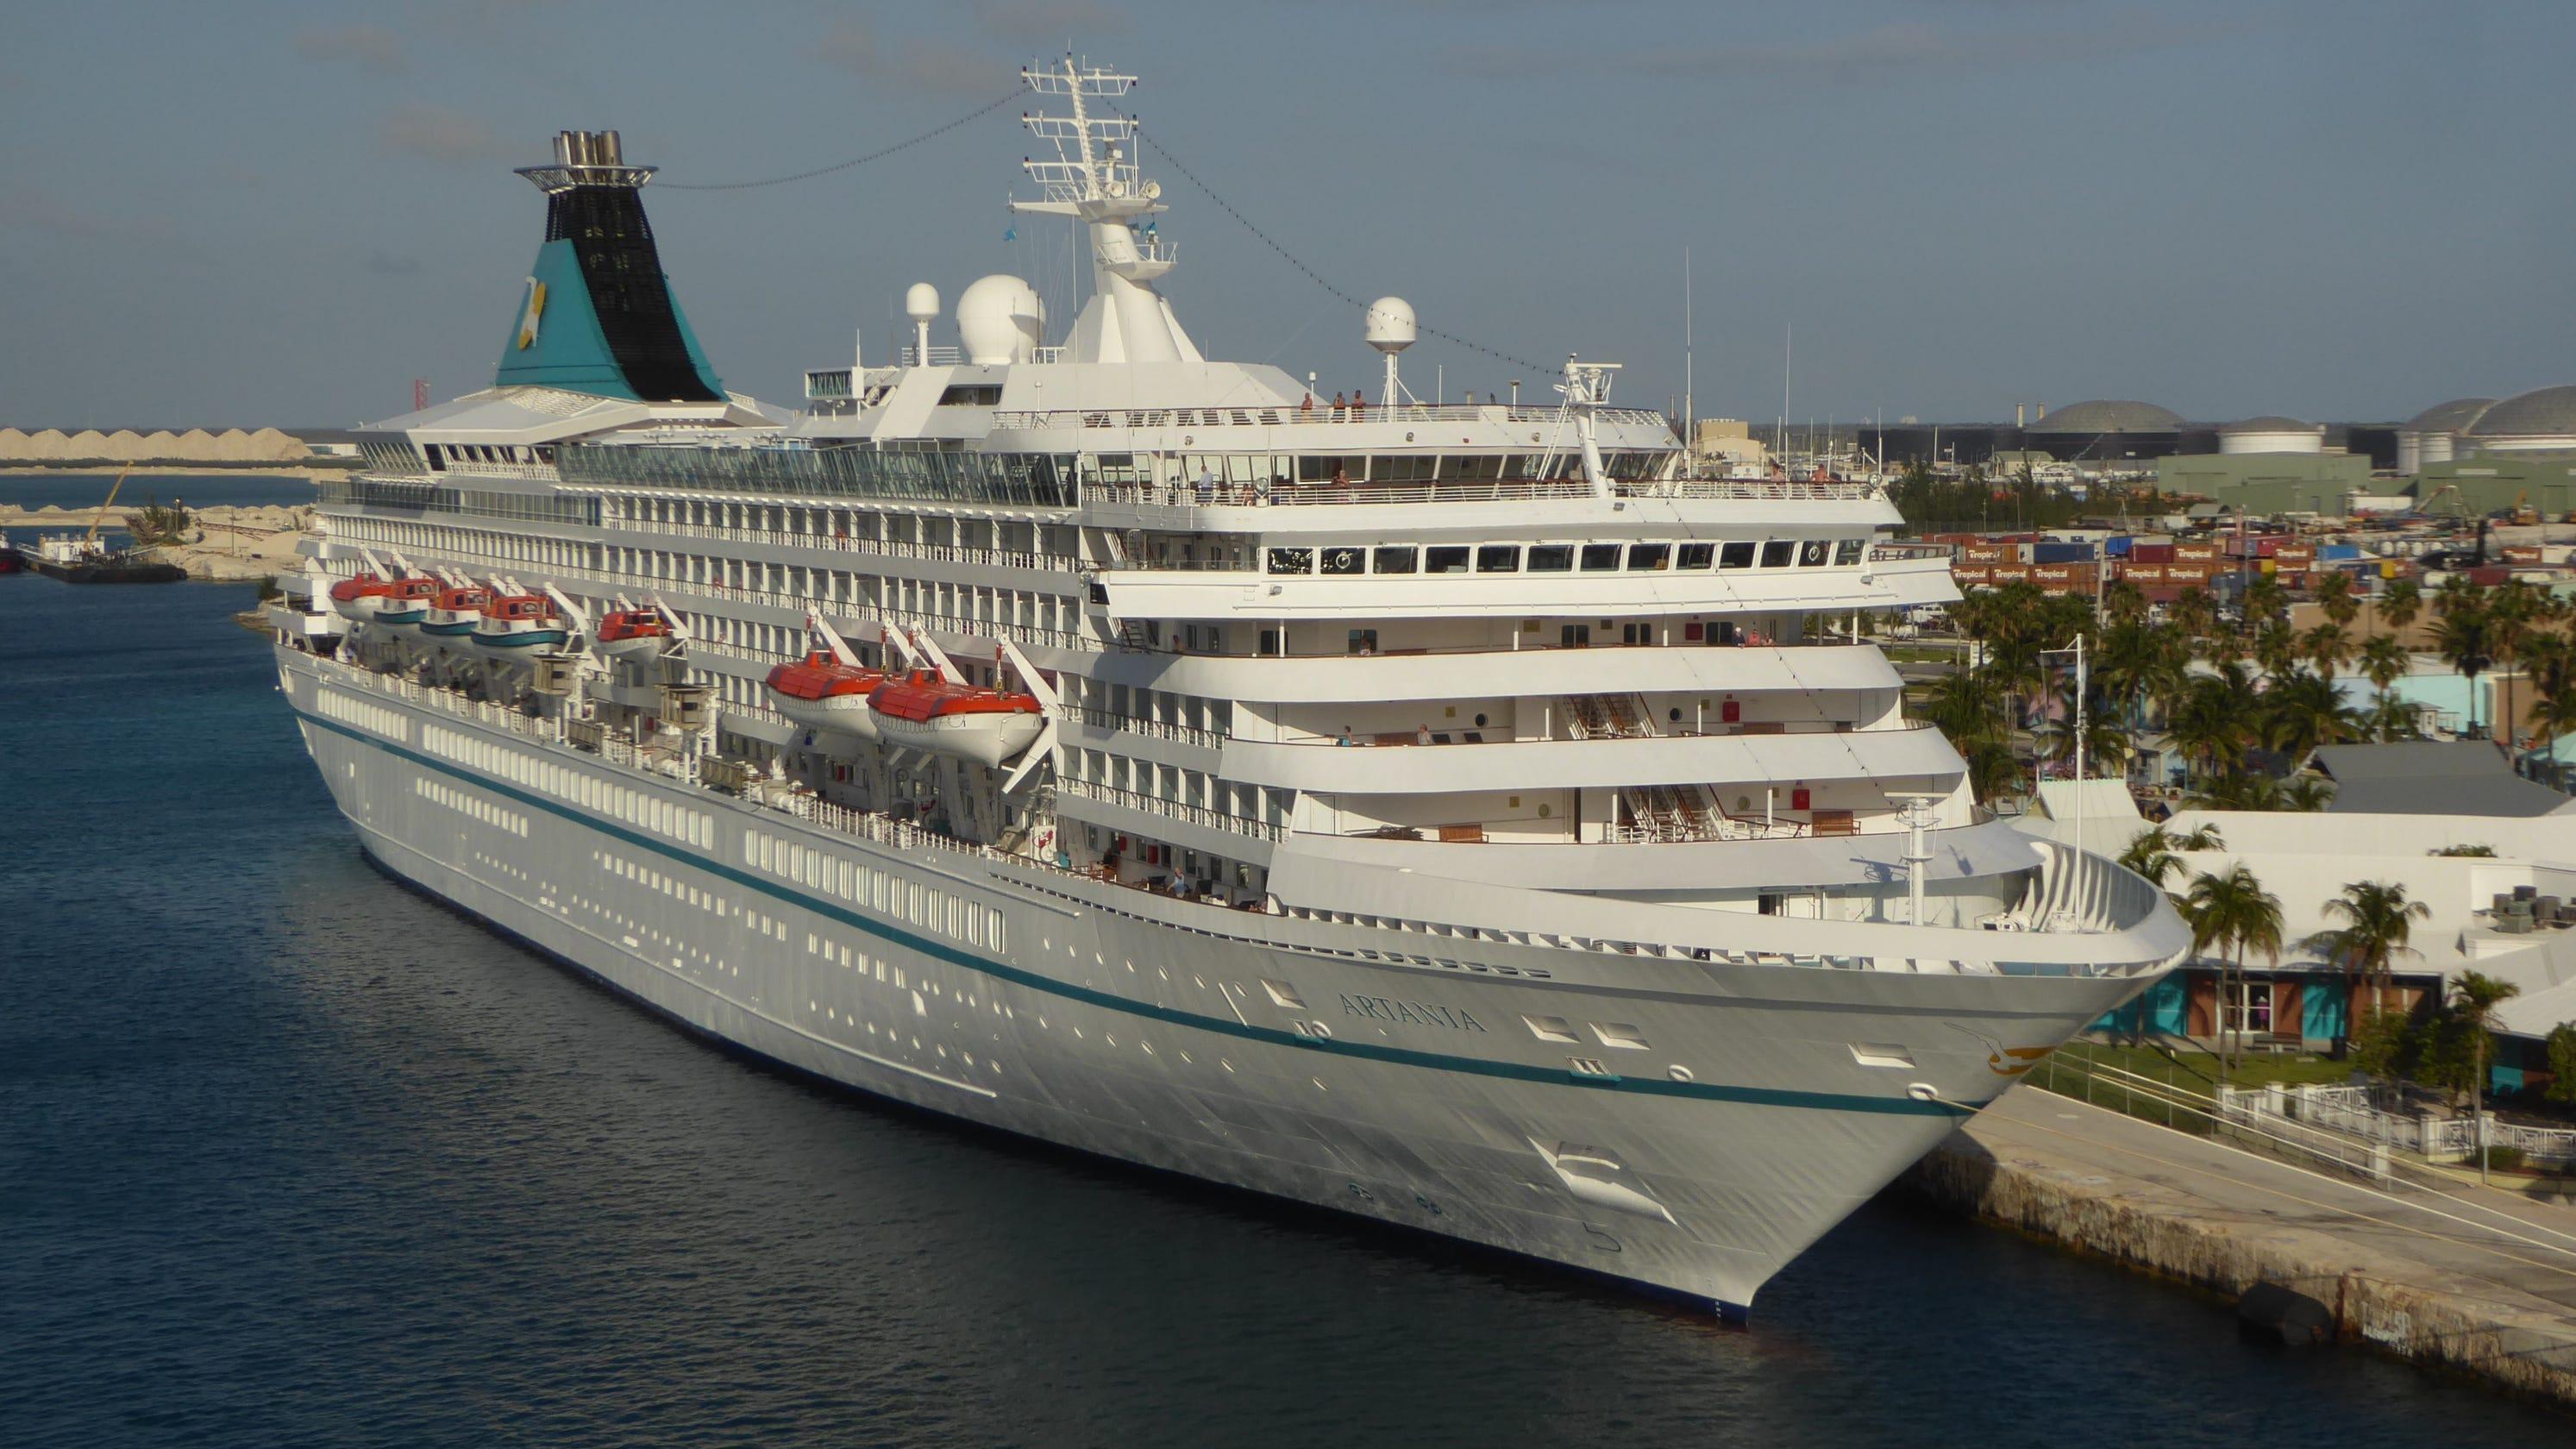 Phoenix Reisen's Artania Cruise Ship: Take A Photo Tour